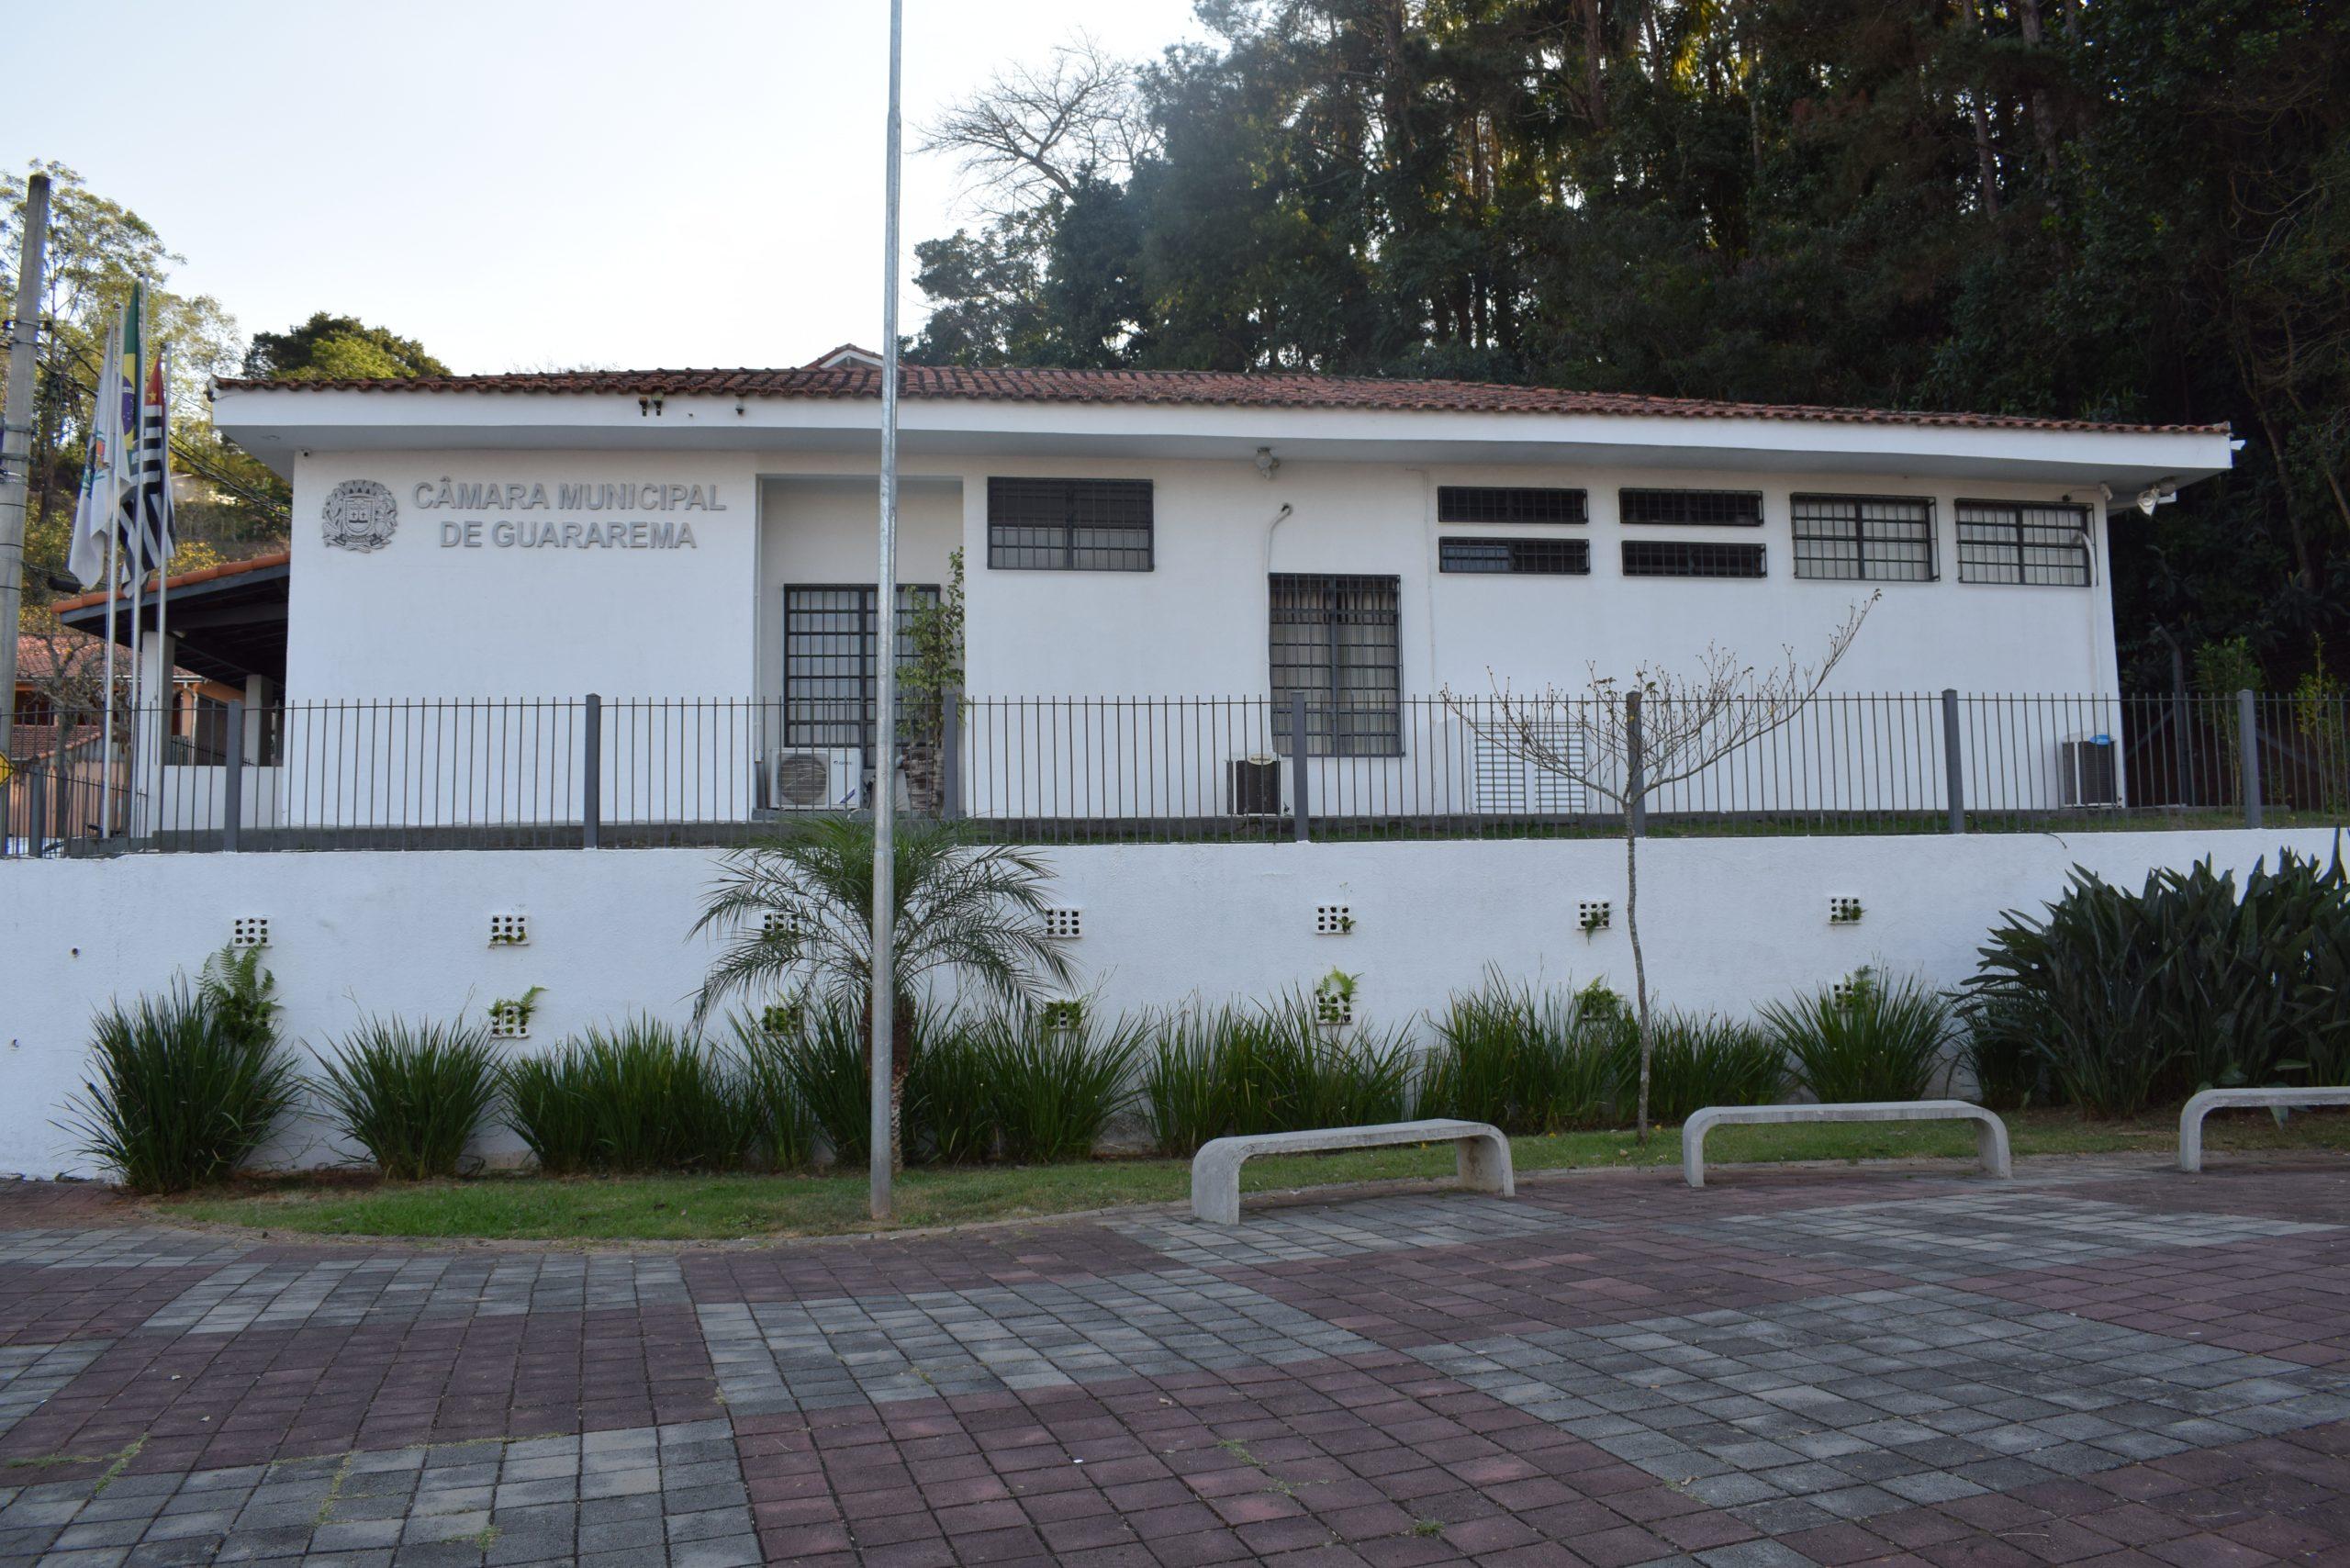 Câmara Municipal retoma atendimento presencial mantendo protocolos sanitários